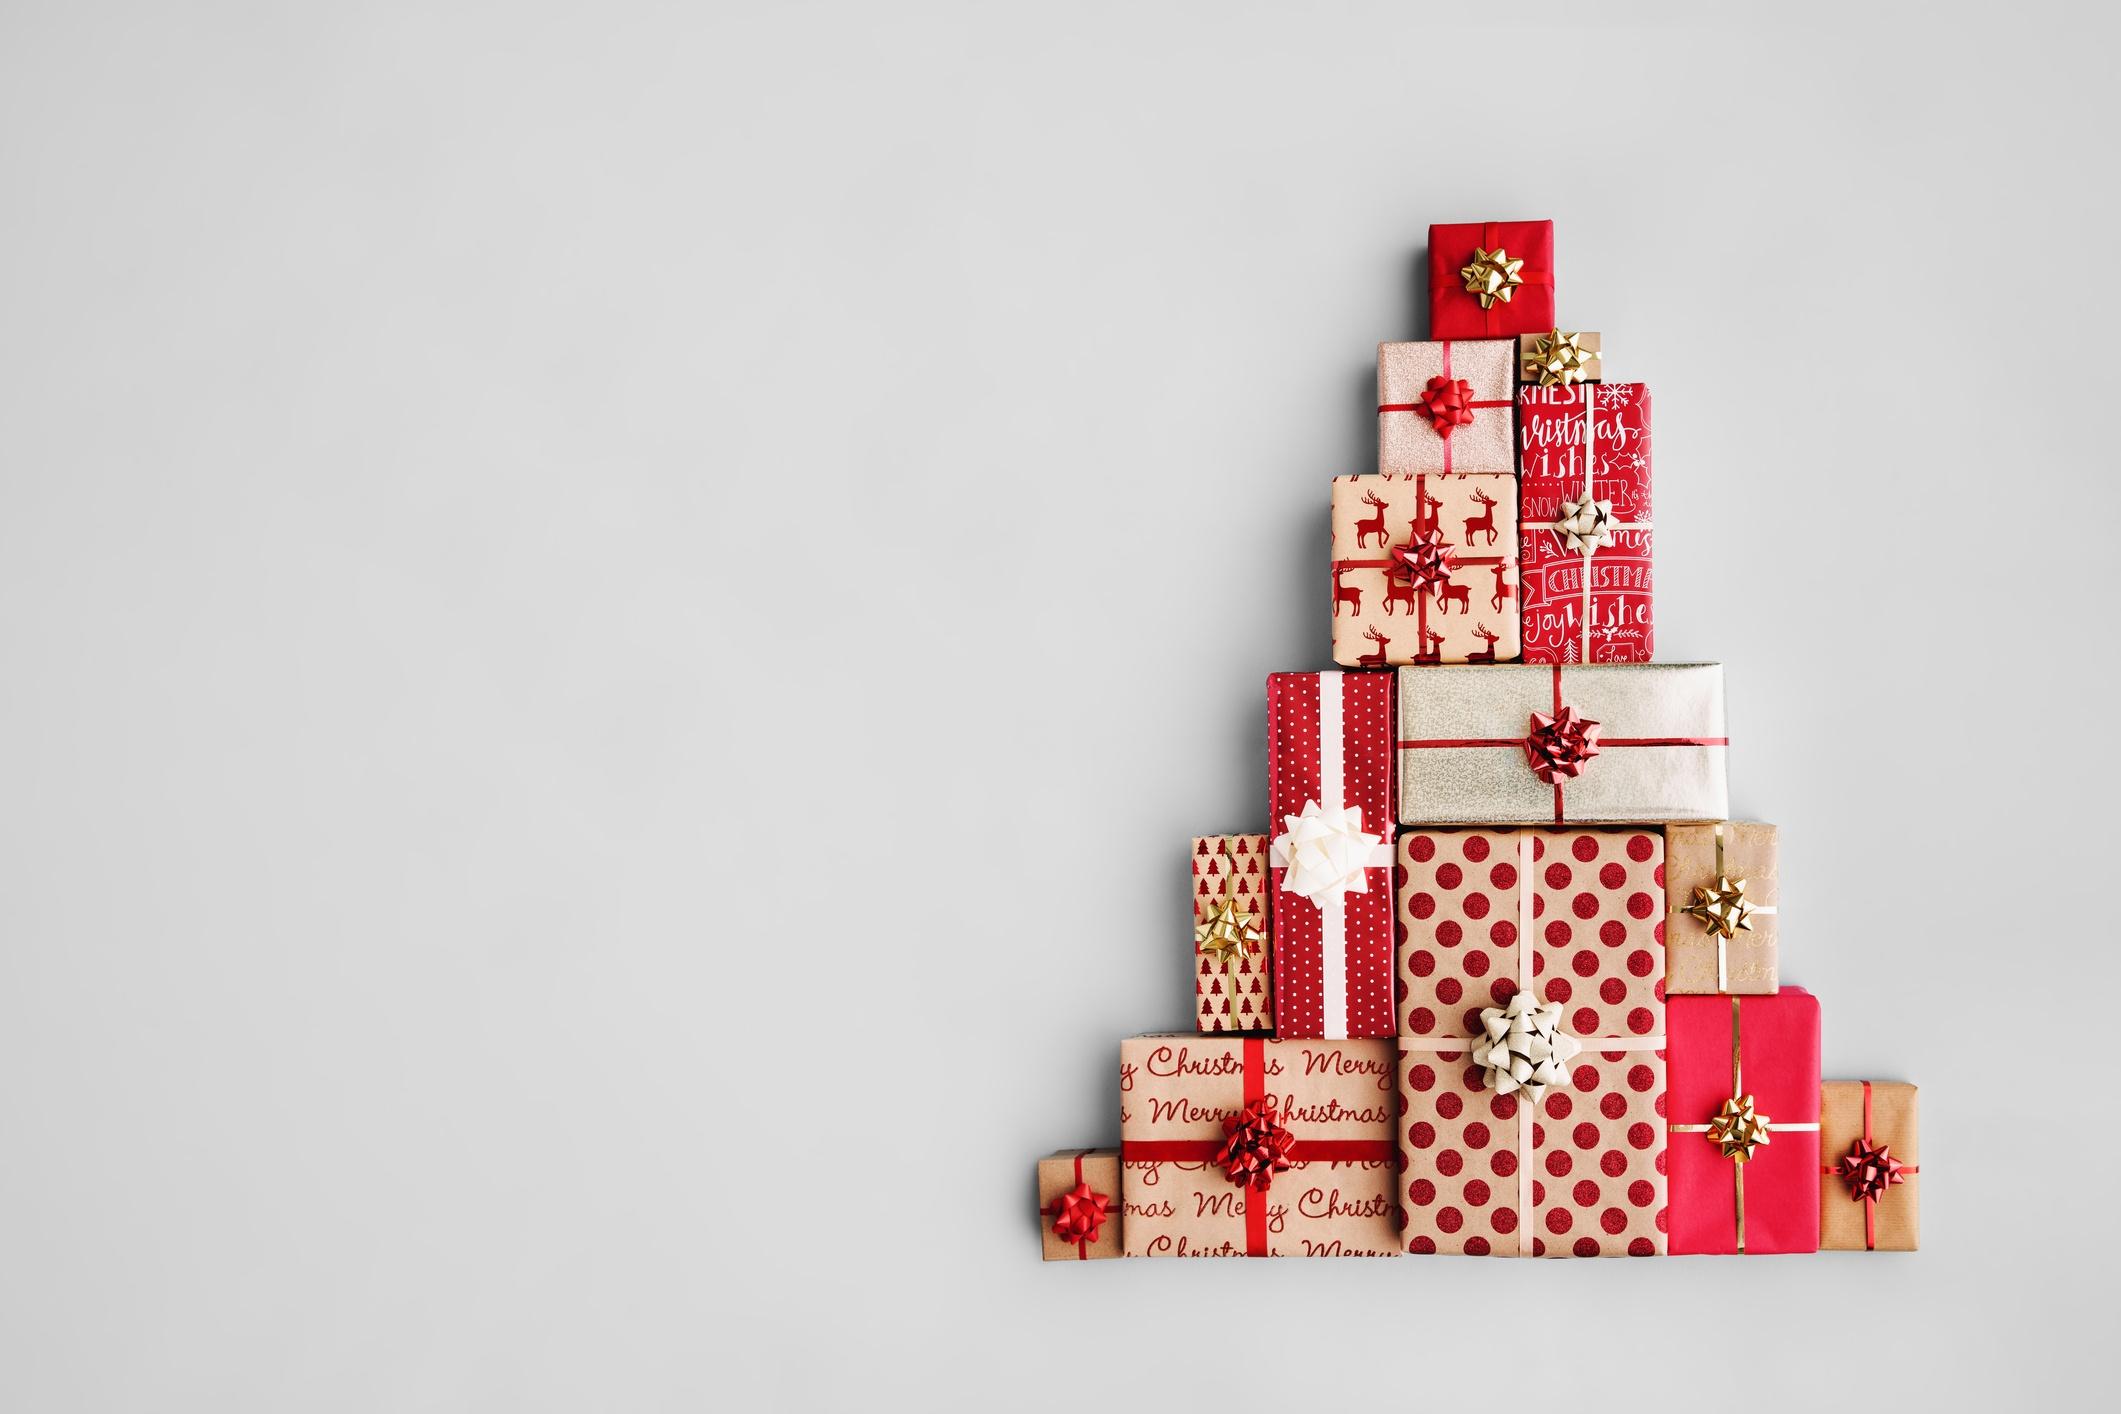 Esta Navidad quiero... alcanzar la cuota de fin de año